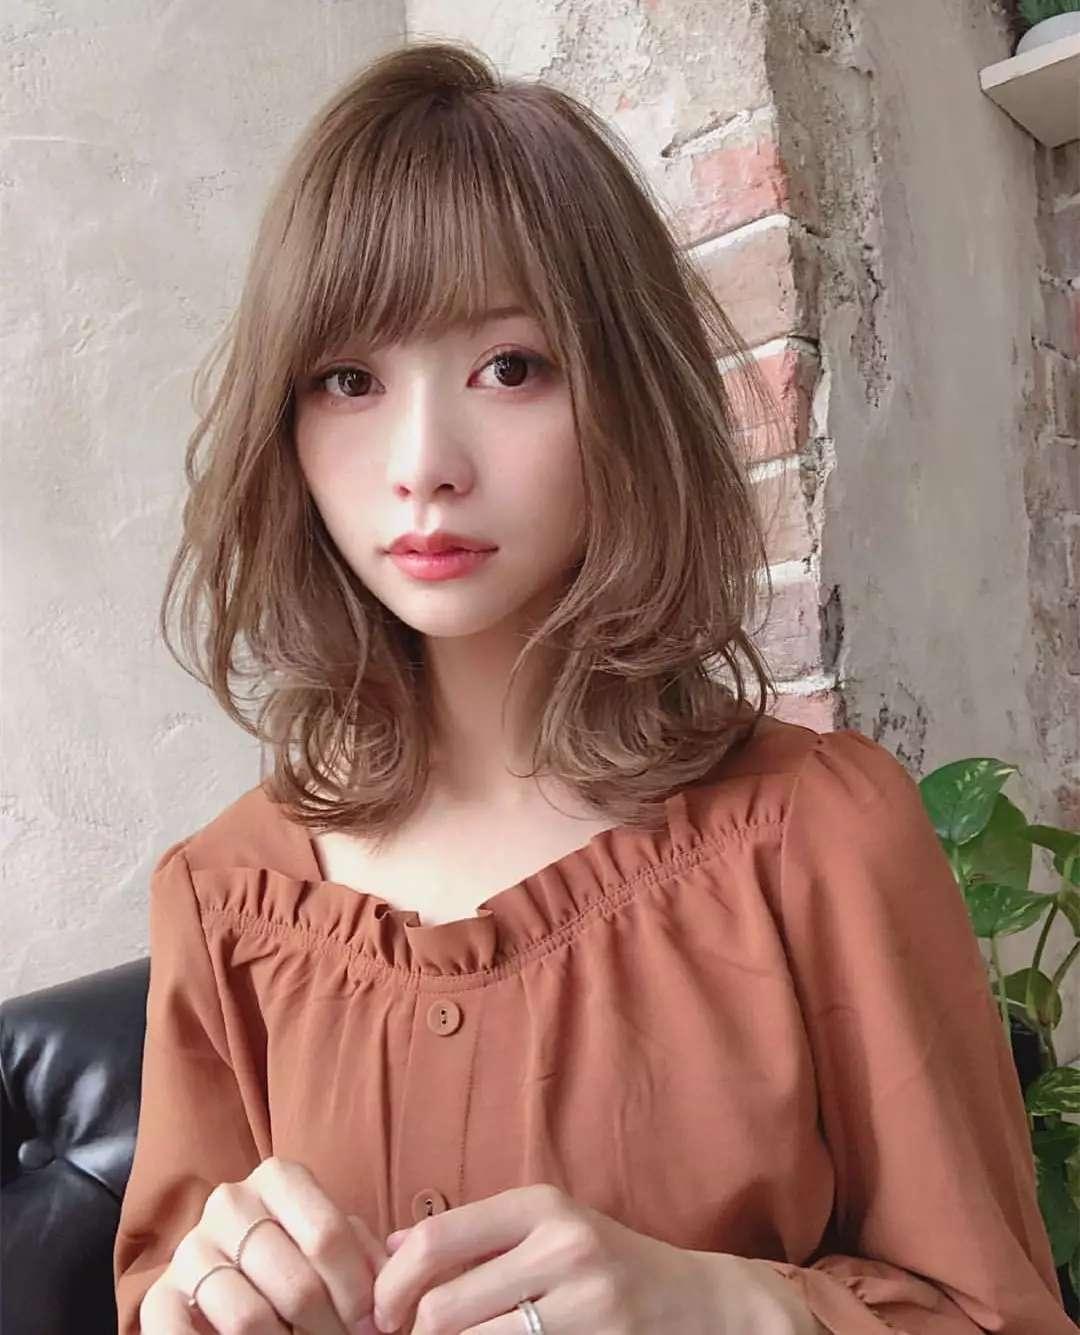 发量偏少想烫个颜色发,冷烫热烫锁骨适合?好打头发偏黄染什么还是好看吗图片